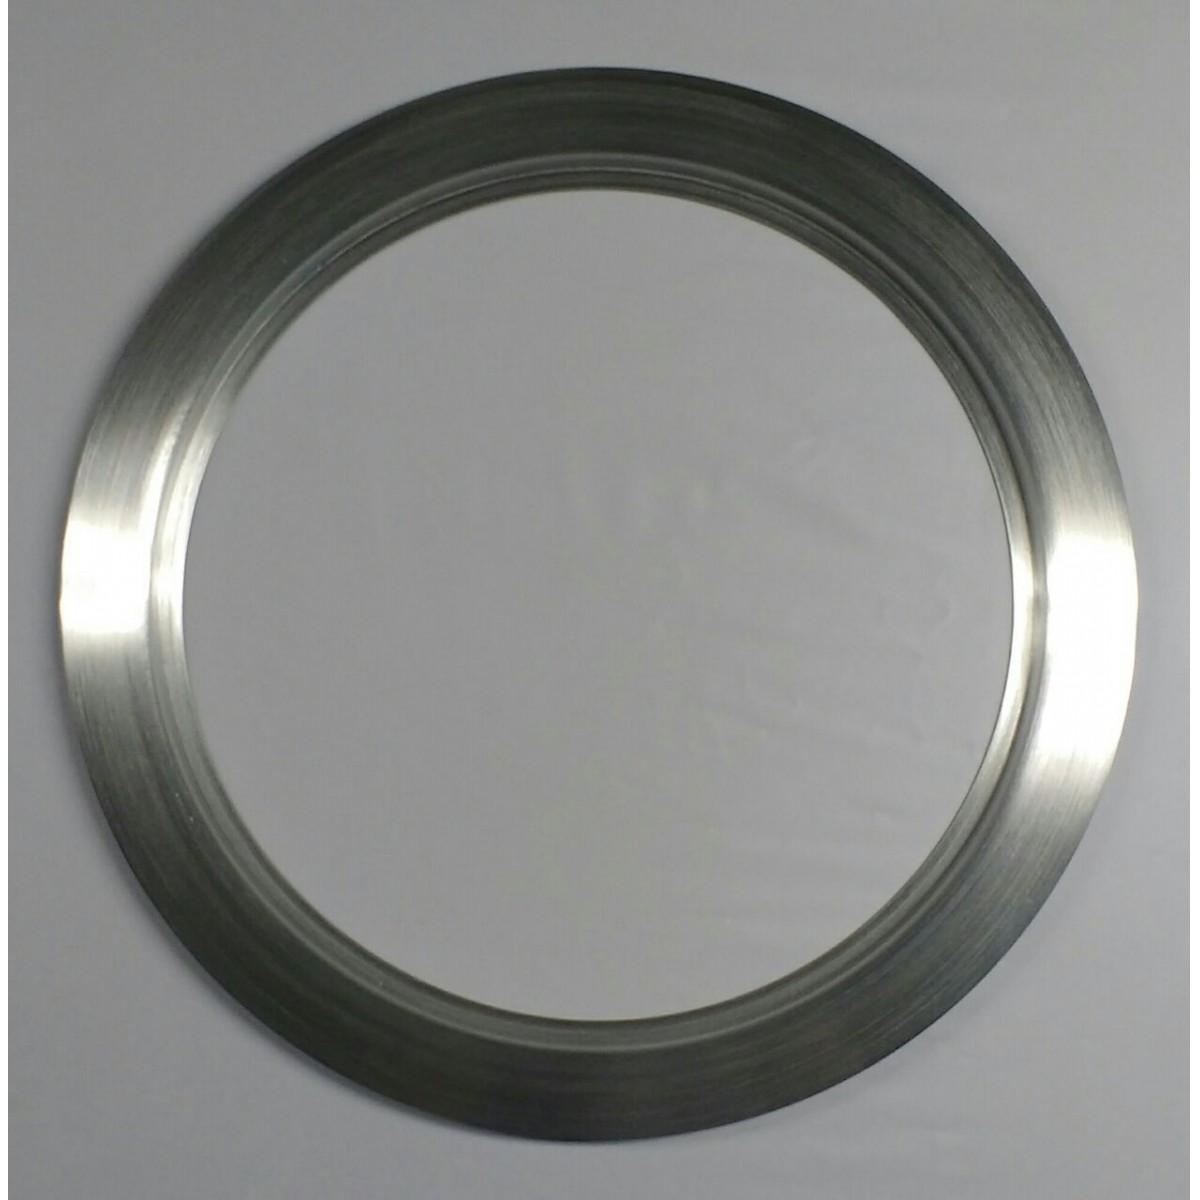 Escotilha ma-05/2 (par) 35/39cm em alumínio sem vidro